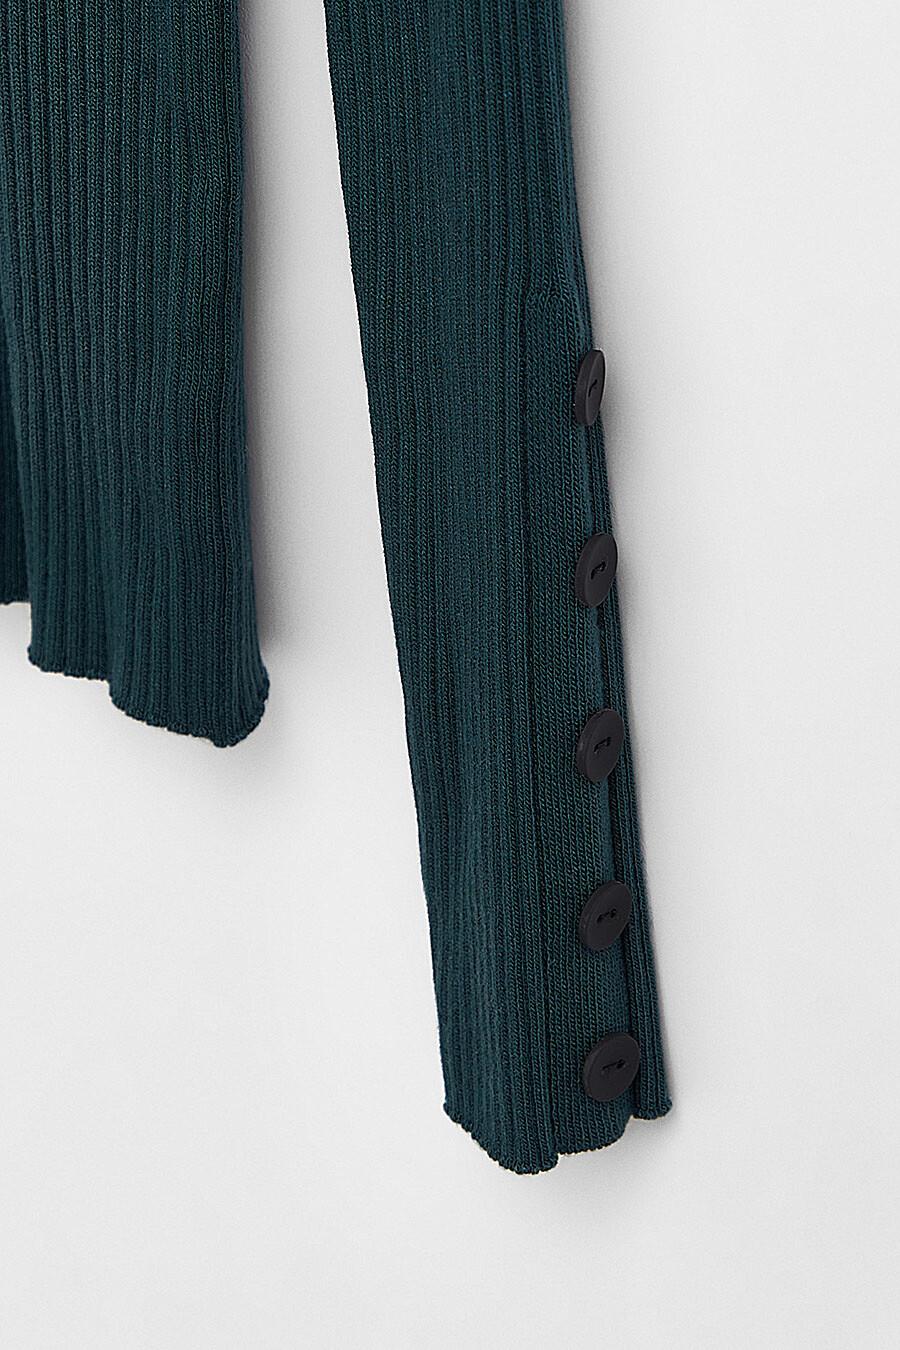 Джемпер CONTE ELEGANT (700211), купить в Moyo.moda